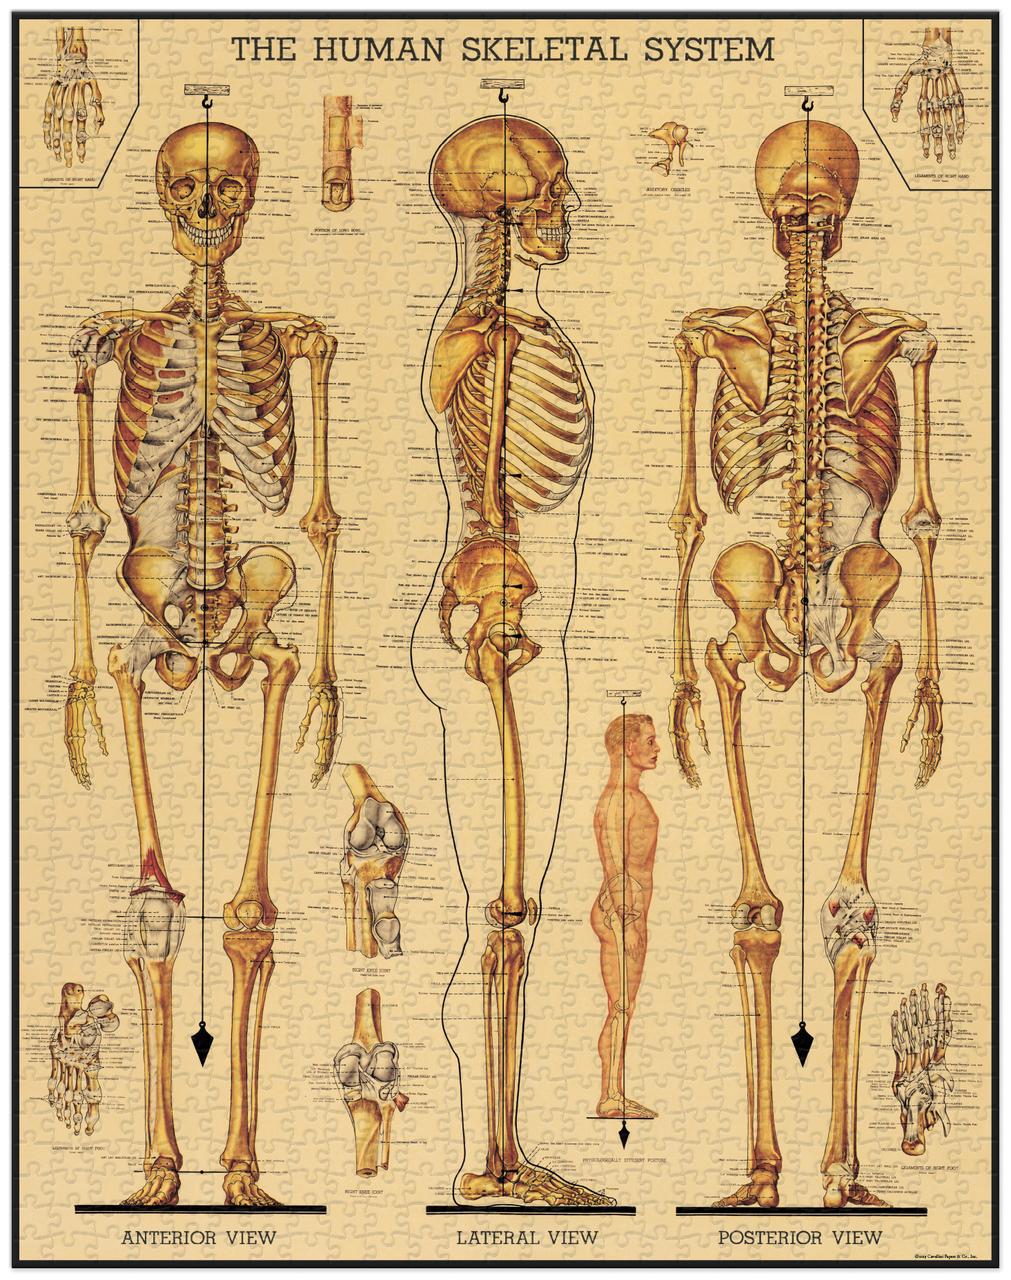 Skeletal System Vintage Puzzle image 3